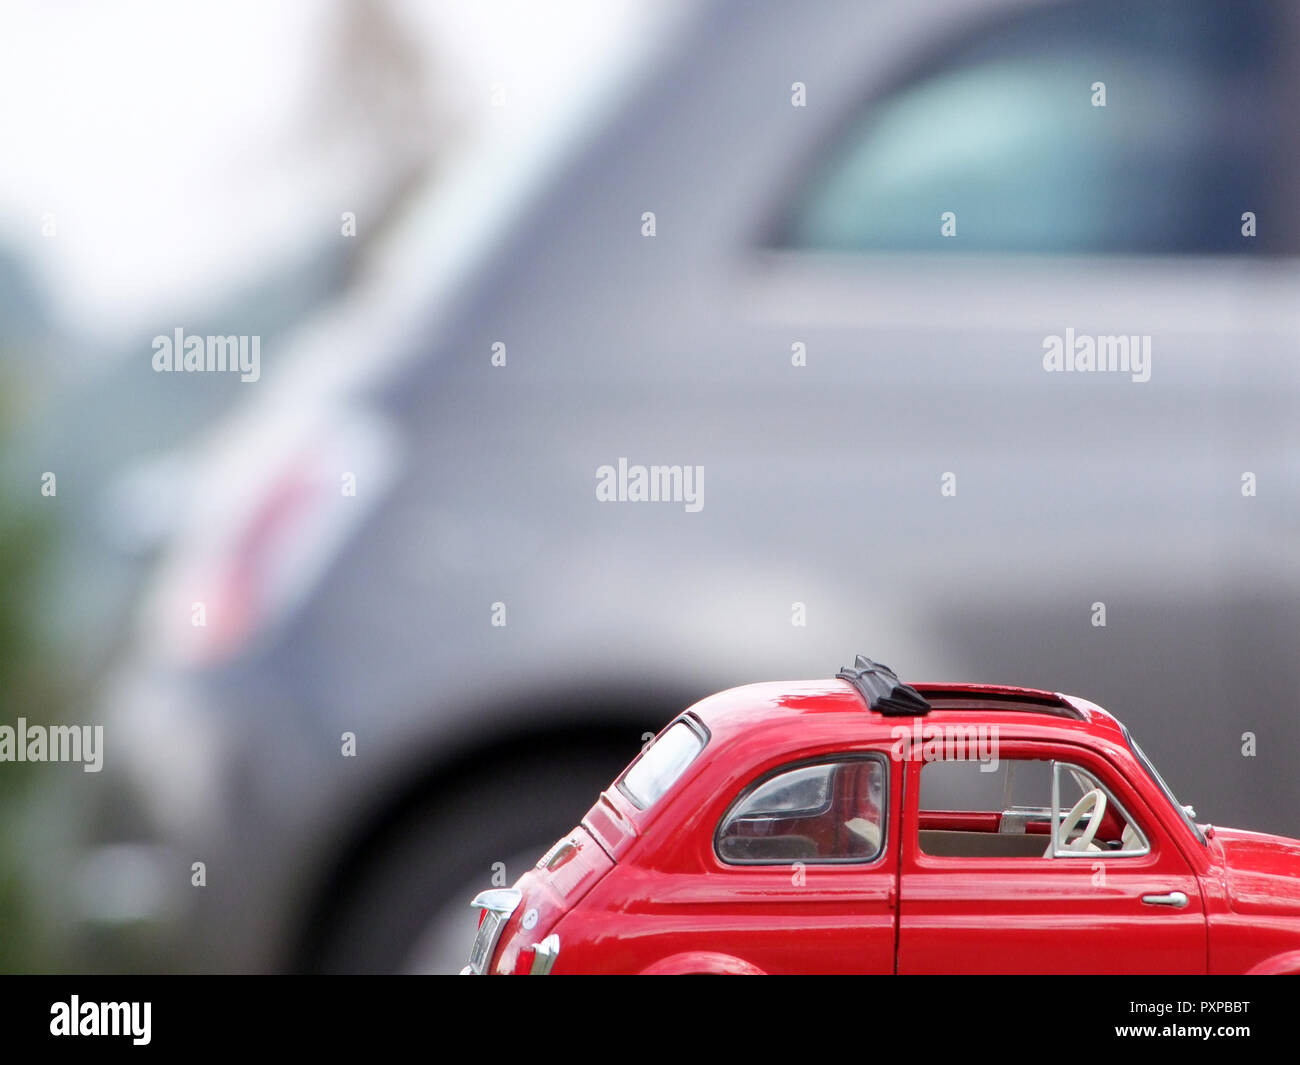 FIAT CINQUECENTO OLD versus FIAT CINQUECENTO NEW - Stock Image